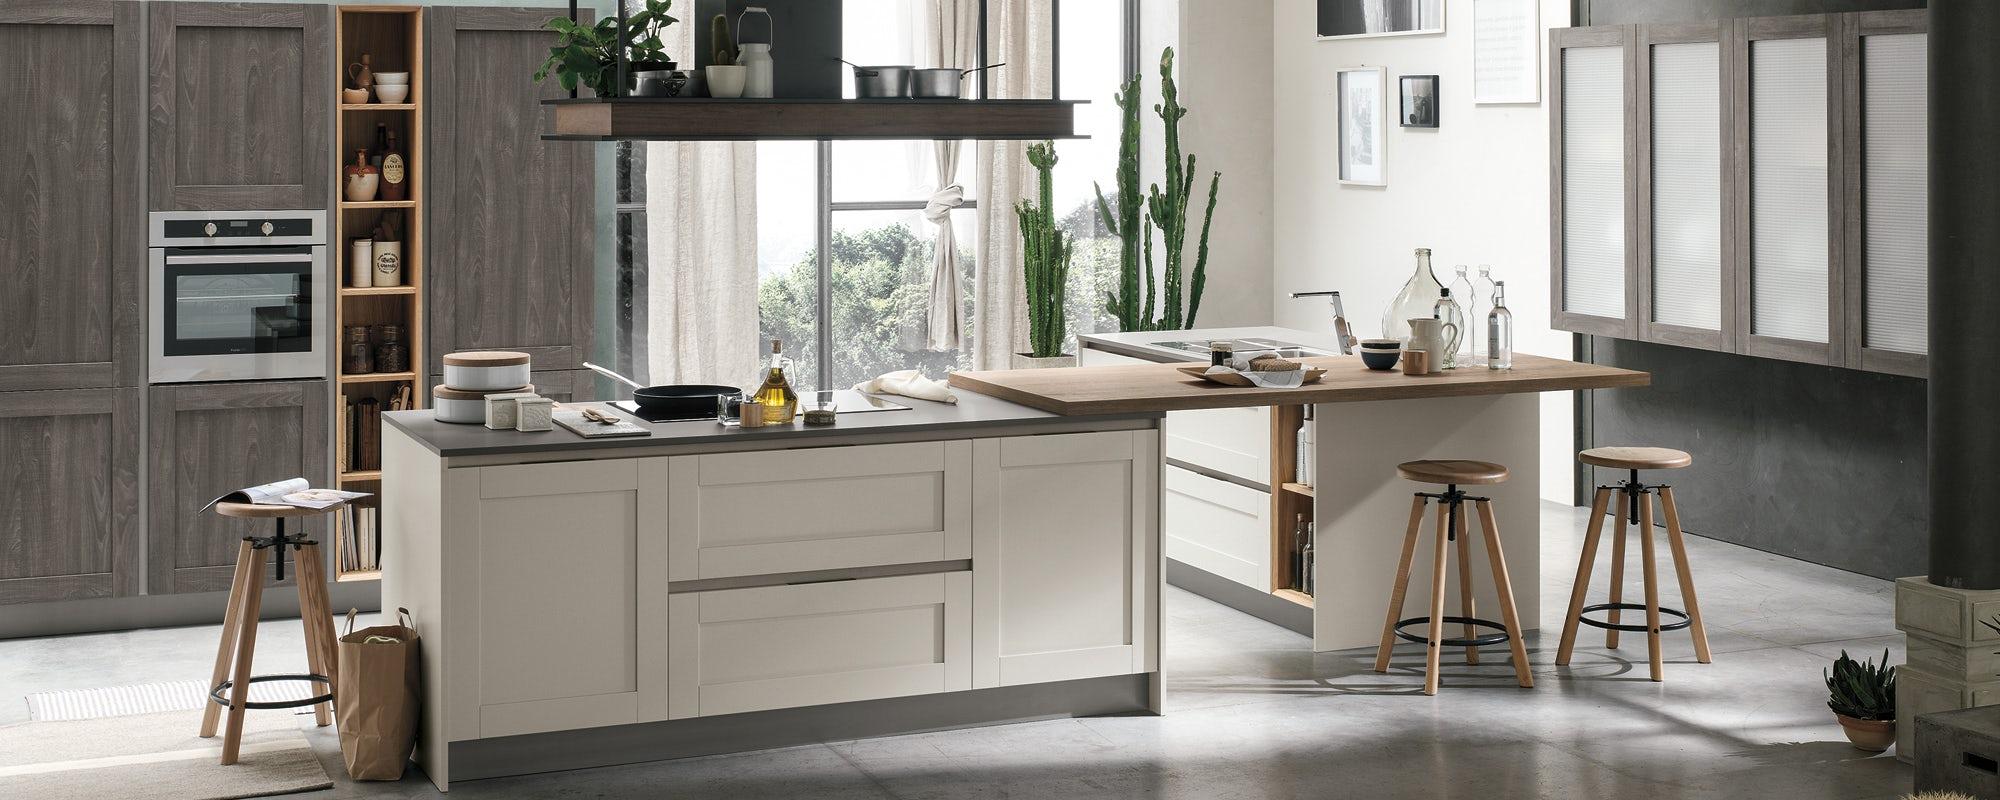 Arredamento cucine moderne- arredamento cucine macerata- cucine ...